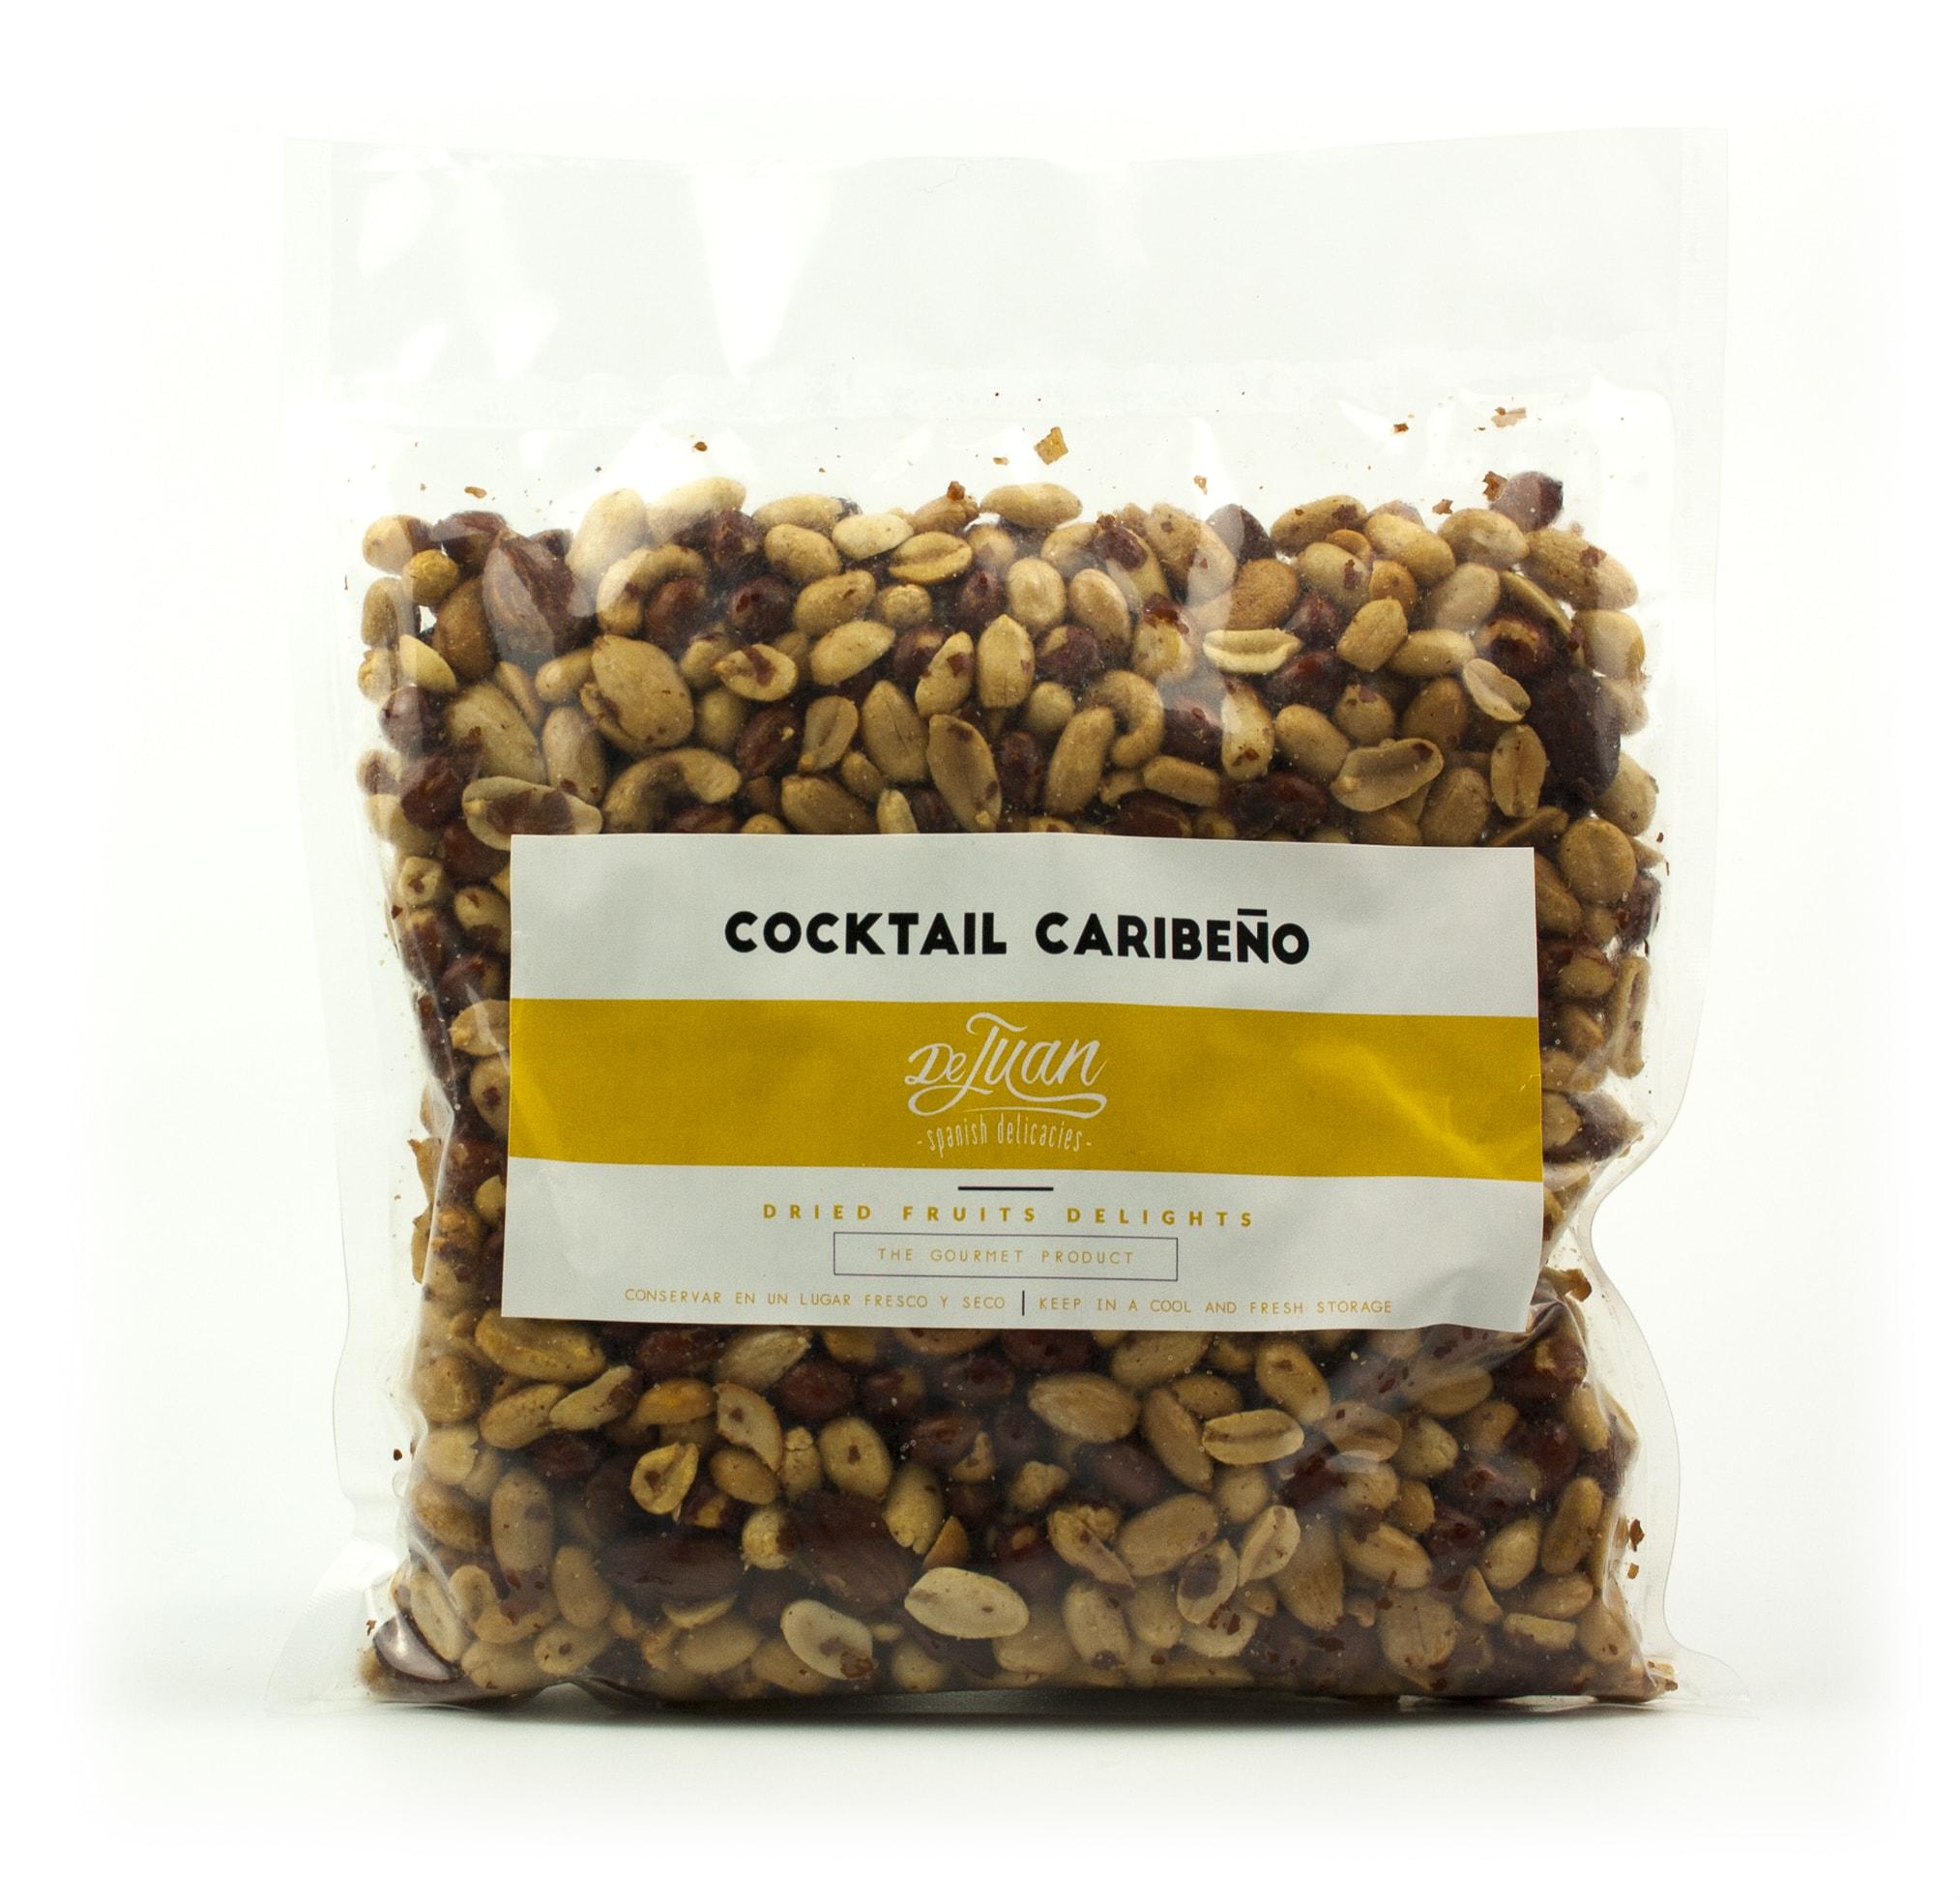 Saco de Cocktail Caribeño